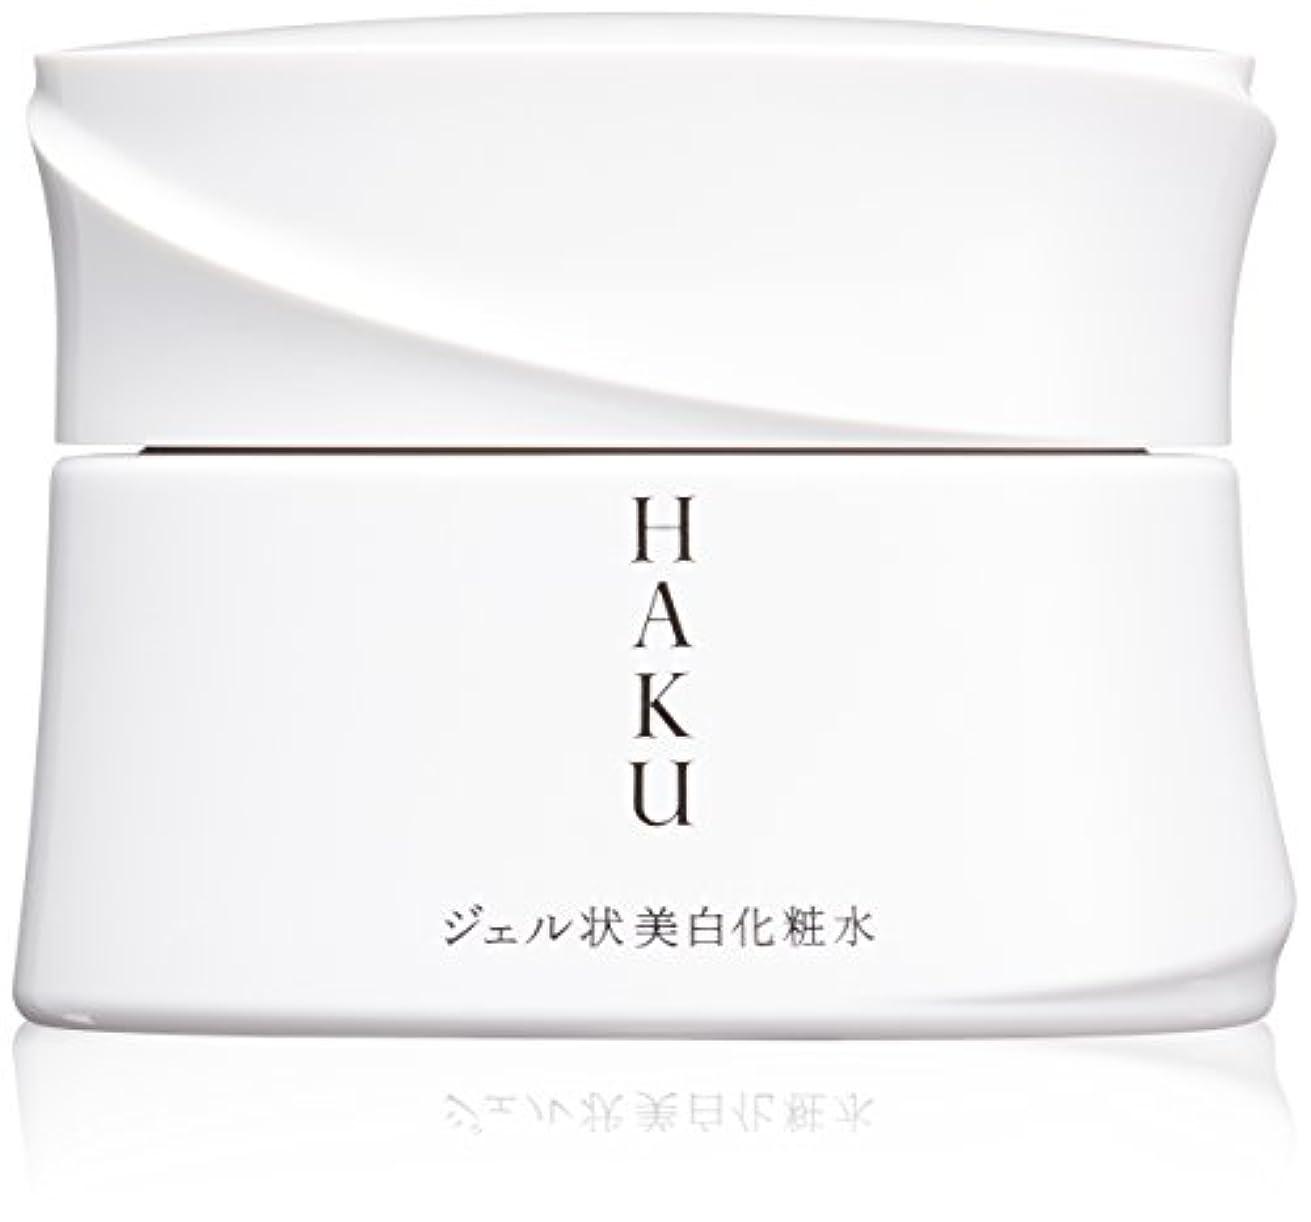 祖先ブラウズふざけたHAKU メラノディープモイスチャー 美白化粧水 100g 【医薬部外品】